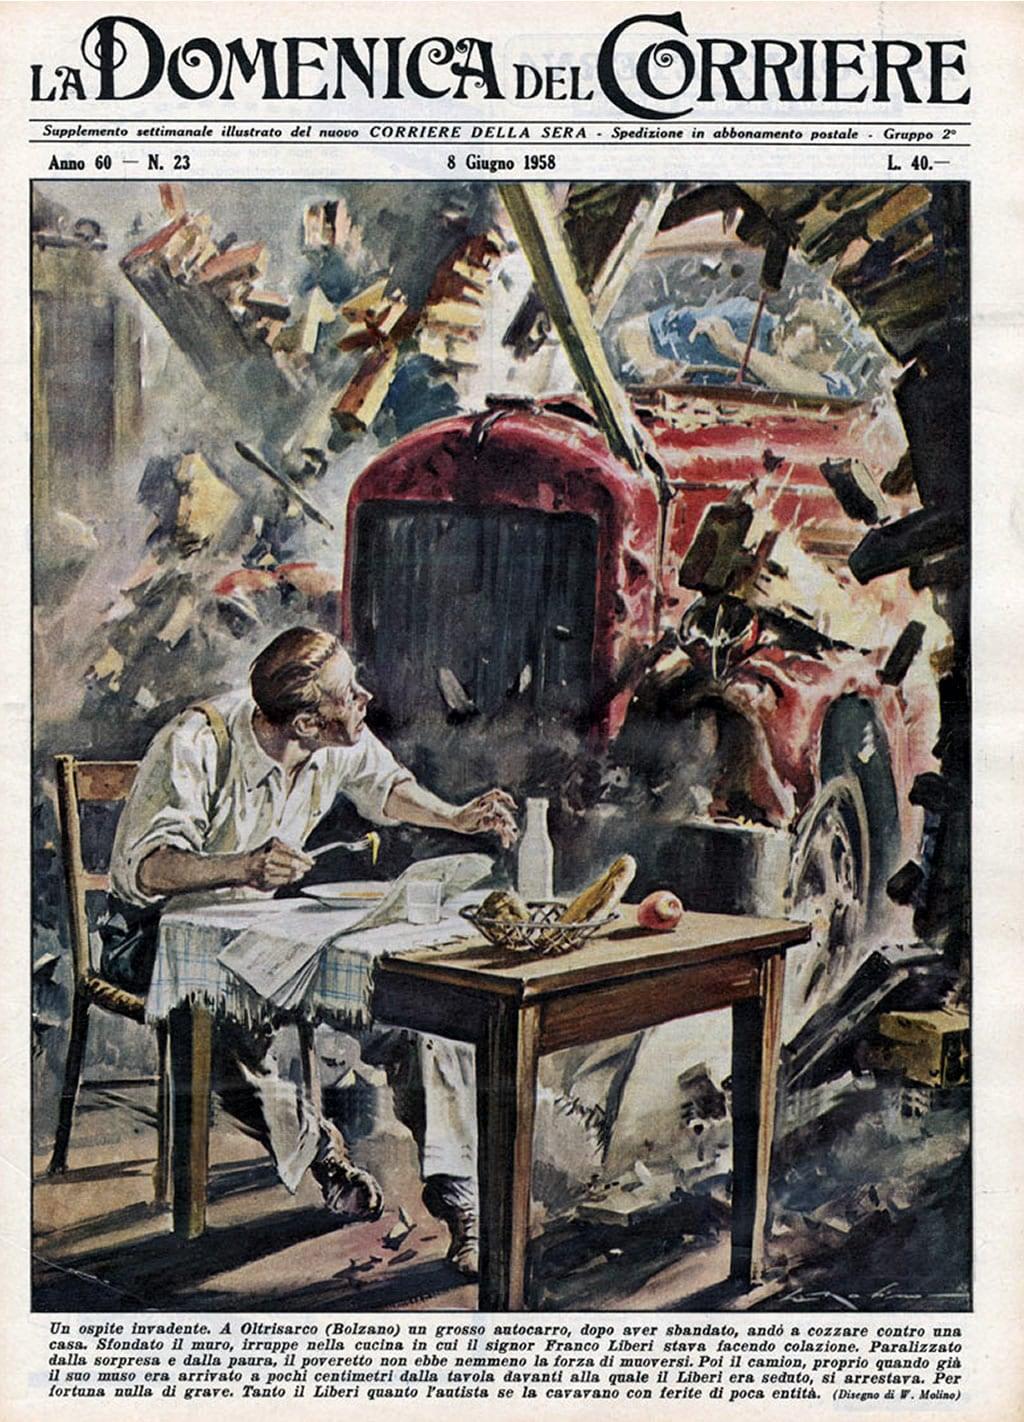 Disegno la cucina del corriere : Picture of La Domenica del Corriere